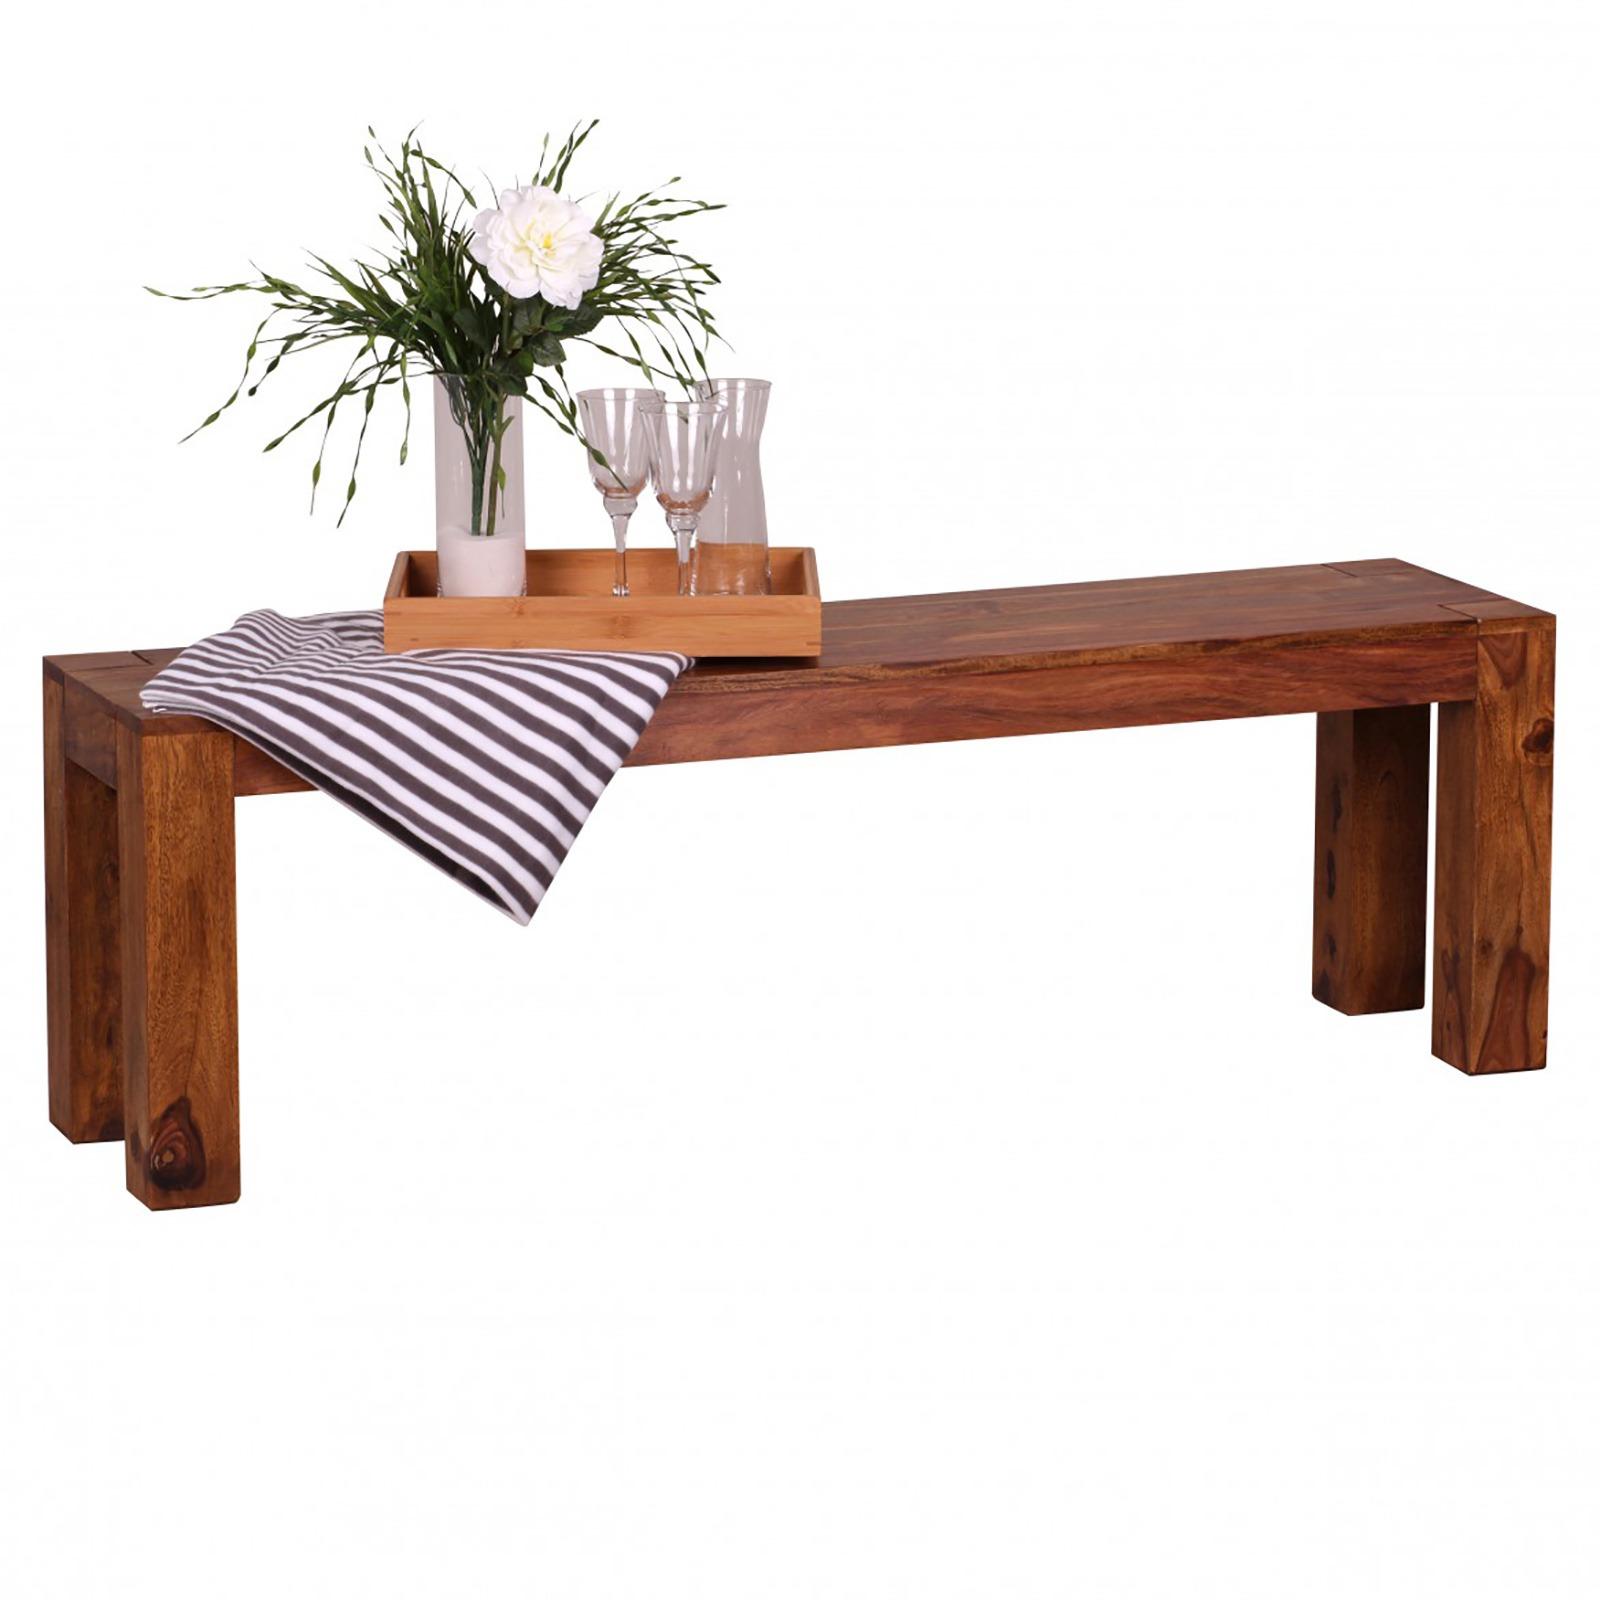 Sitzbank aus sheesham Massivholz 140x45x35cm Holzbank Esstisch Küche